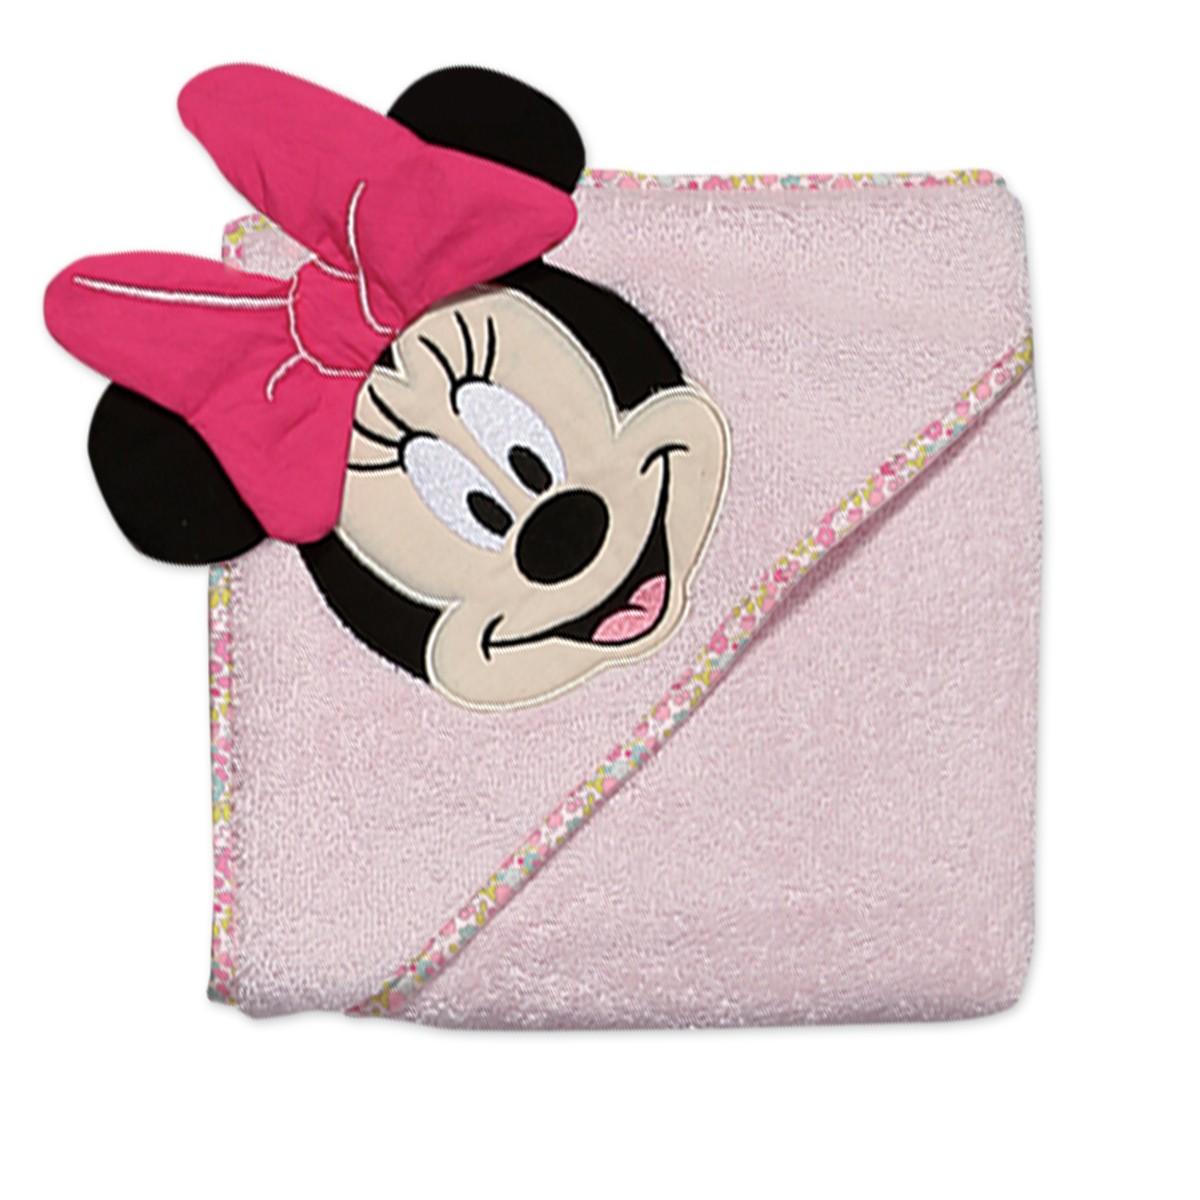 Βρεφική Κάπα Nef-Nef Disney Minnie Little Flower home   βρεφικά   κάπες βρεφικές